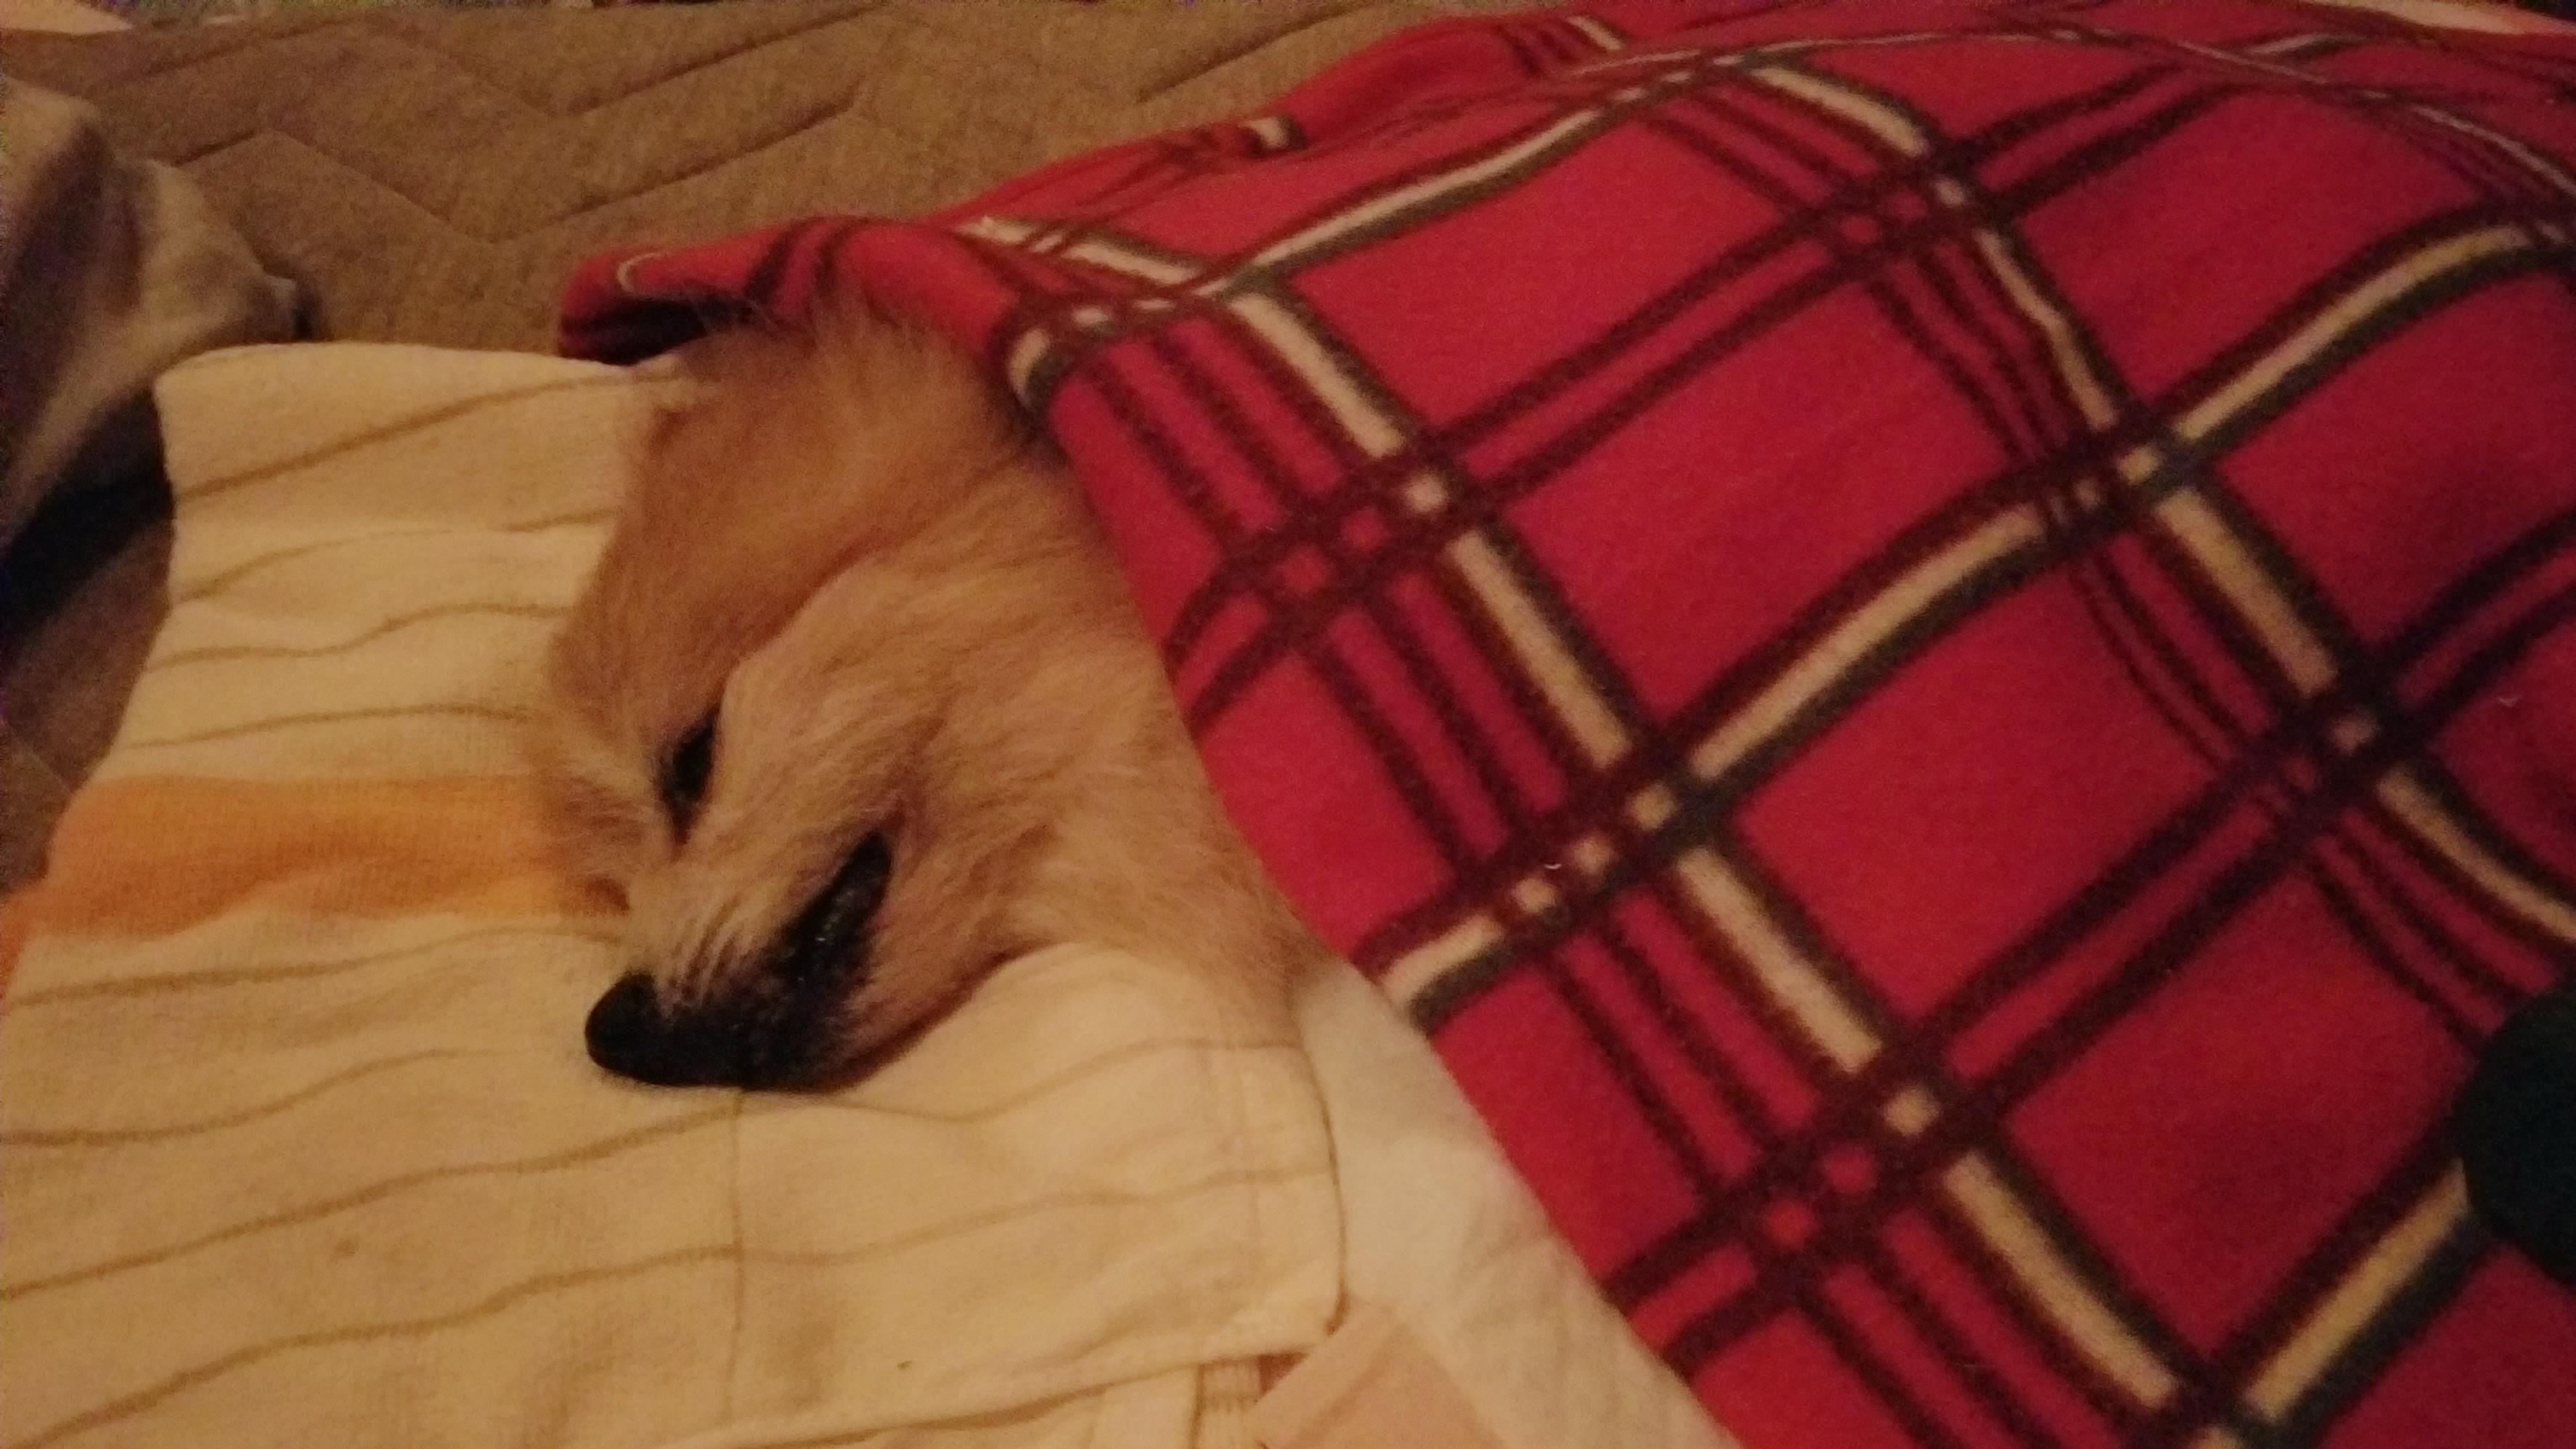 愛犬ペットとの命日病気老犬15才お通夜最期の夜お別れ悲しい突然死